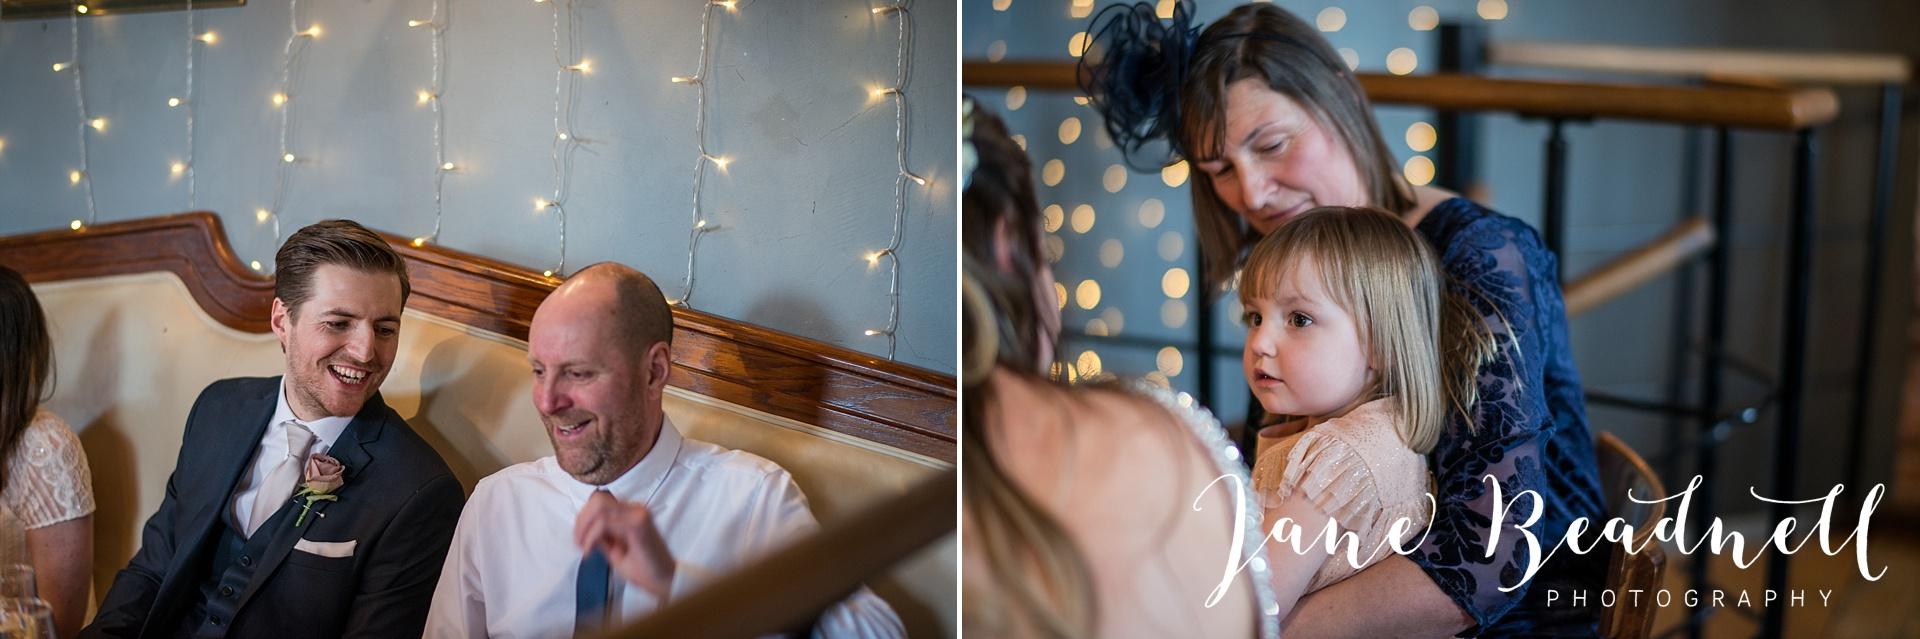 Wedding photography Cross Keys Leeds Wedding Jane Beadnell Photography_0135